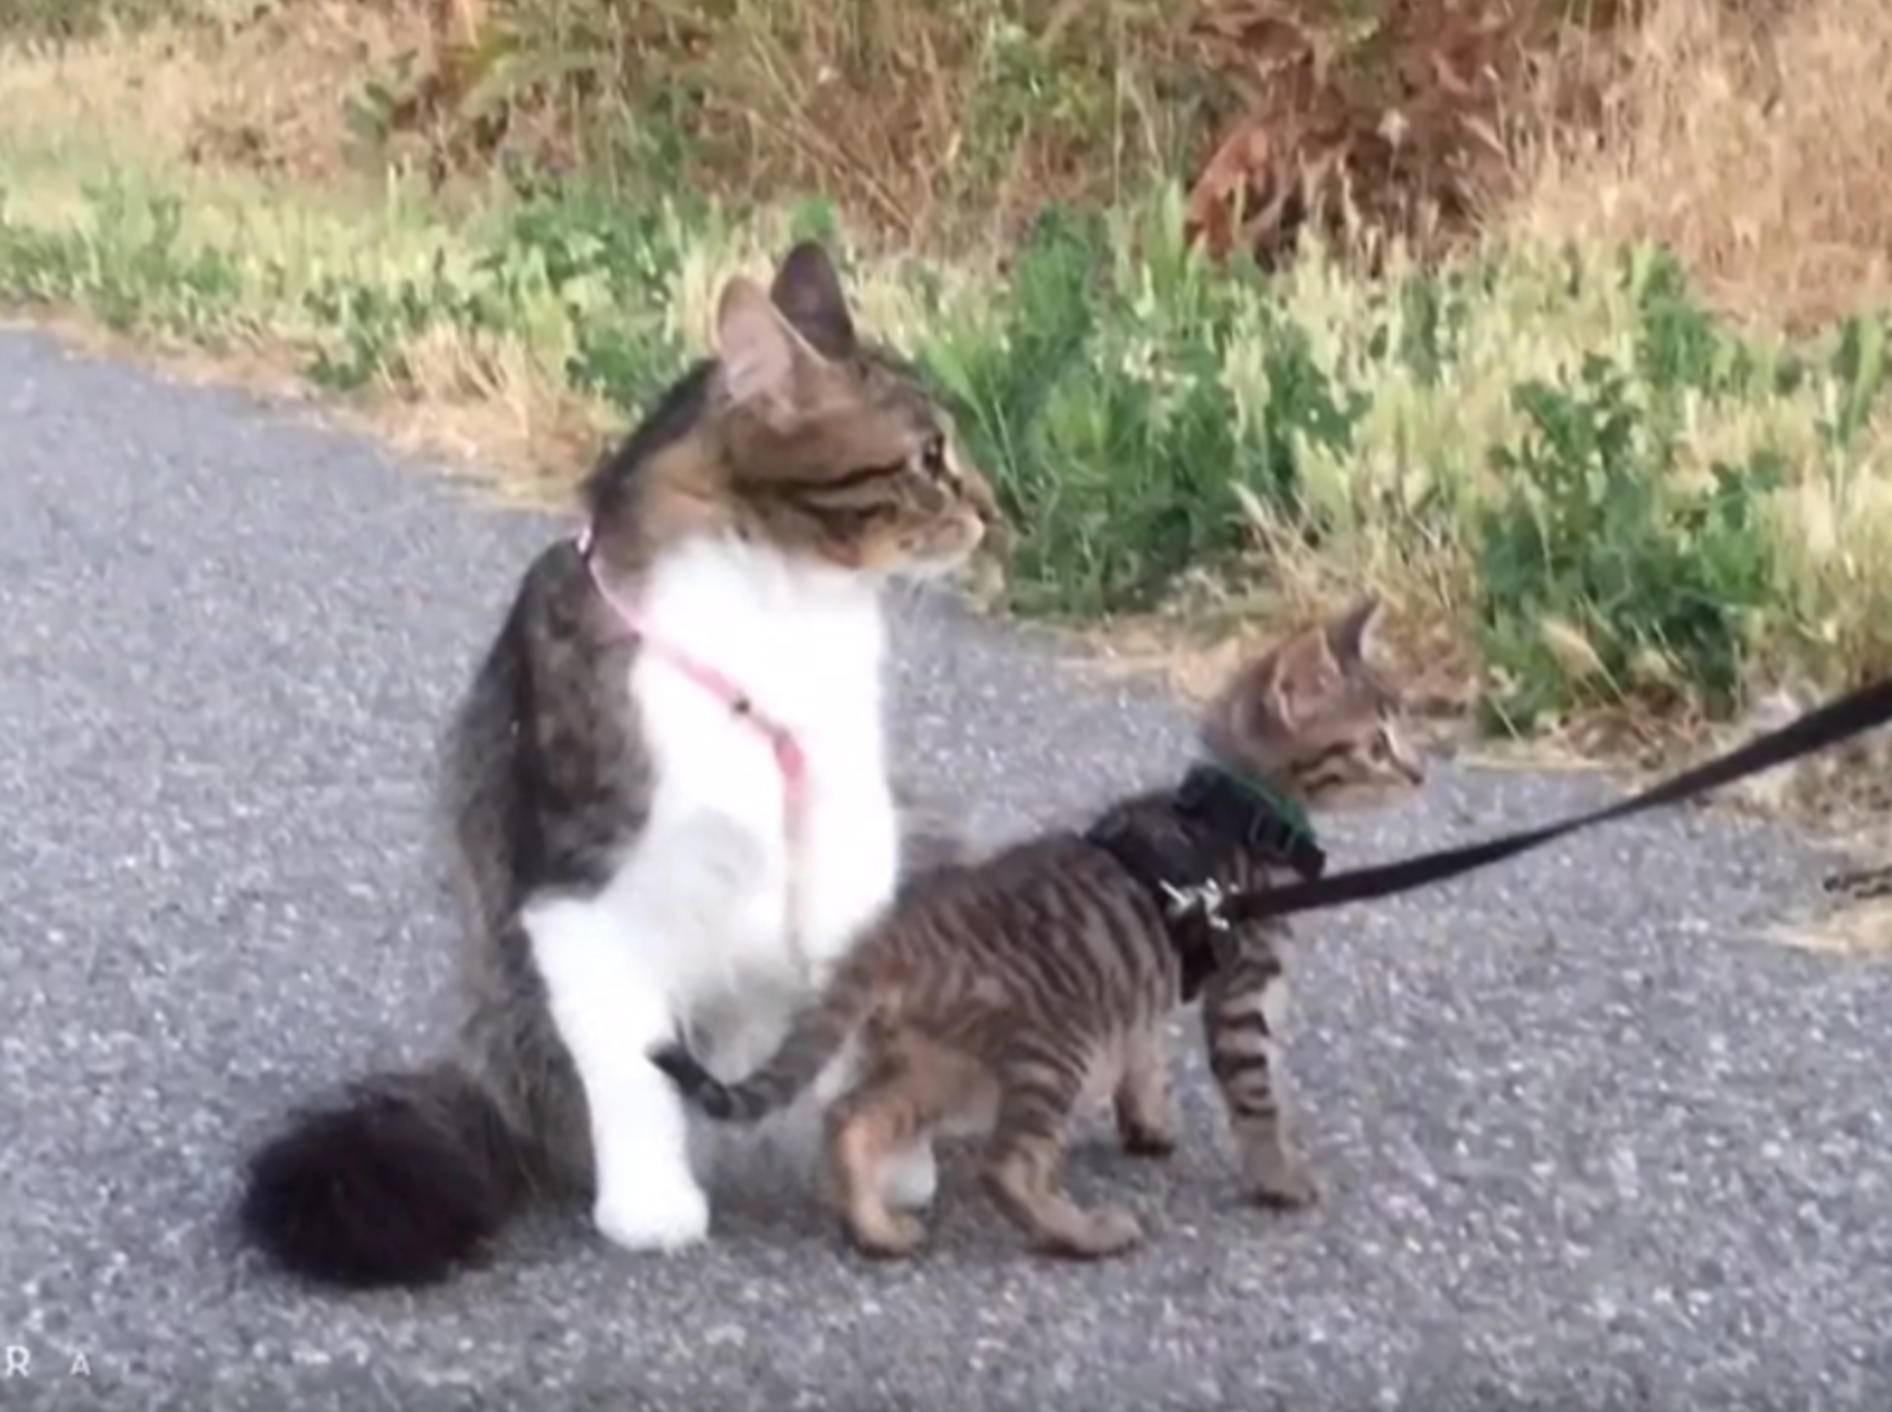 Katze Rosie bringt ihrem Schützling Tommy alles bei – YouTube / Lilothehusky